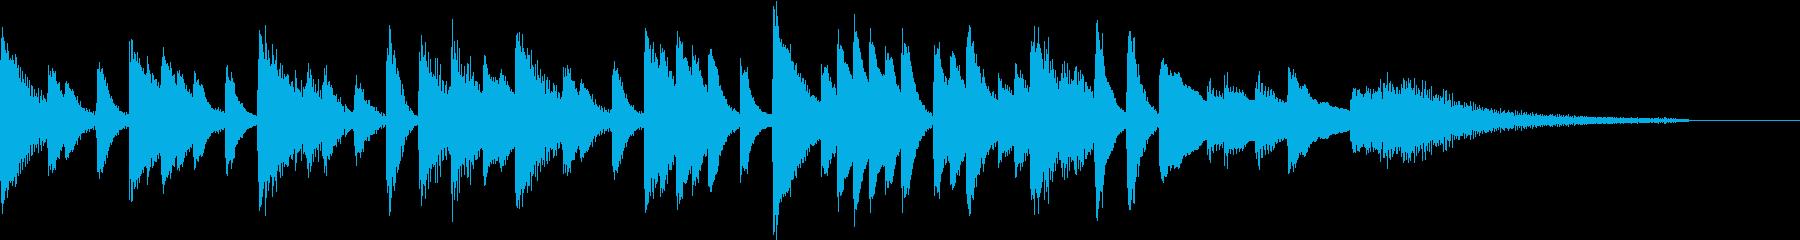 涼しく爽やかに奏でた中華風ピアノジングルの再生済みの波形